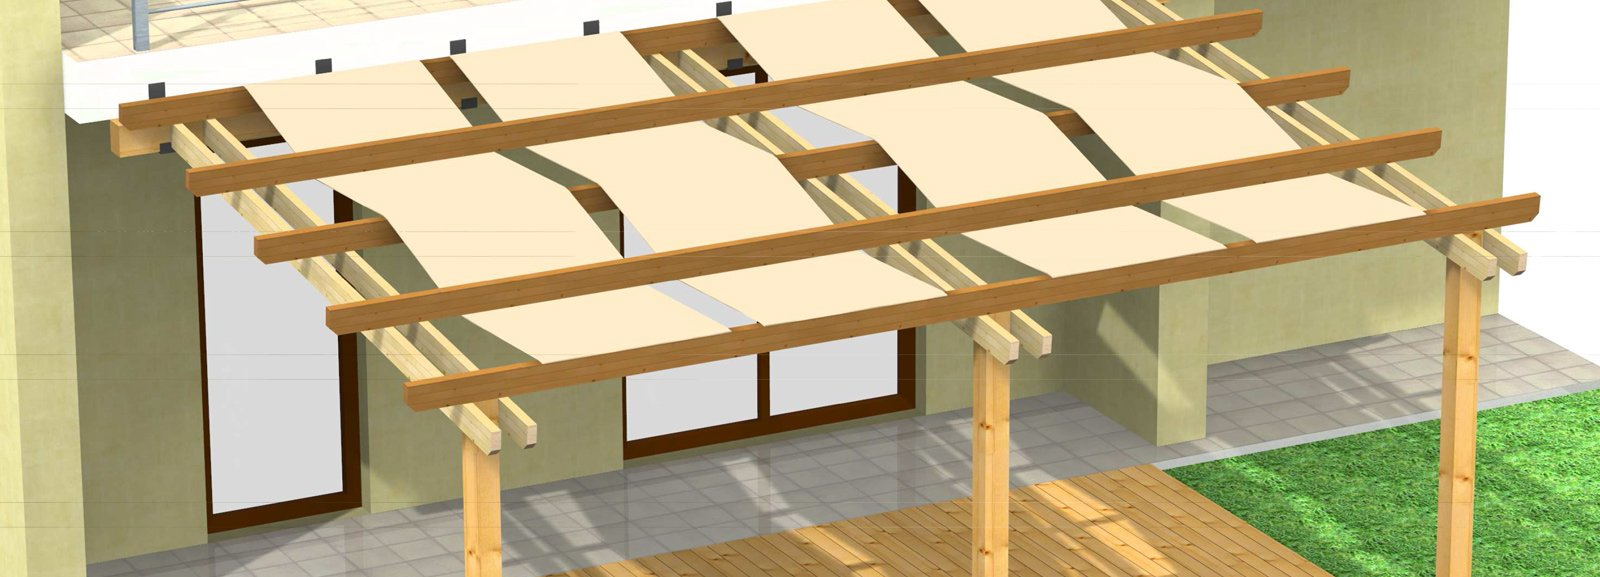 Chiudere la pergola con vetrate - Cose di Casa